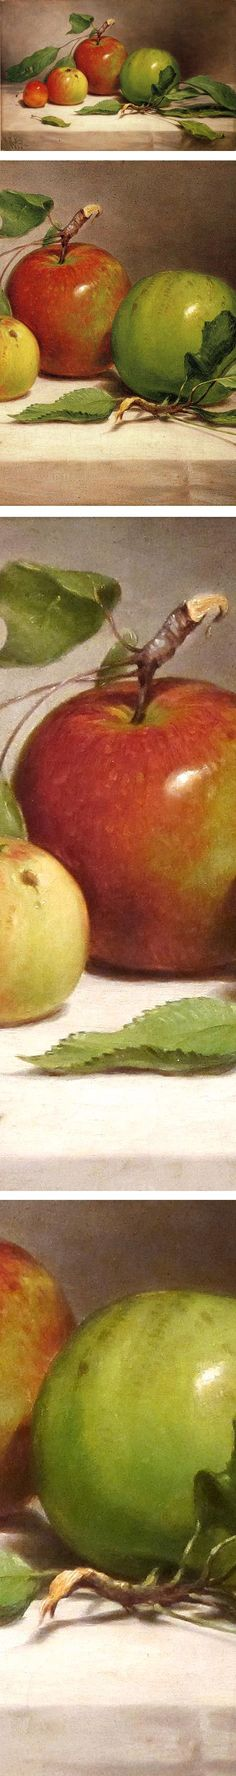 Still Life - Study of Apples, William Rickarby Miller